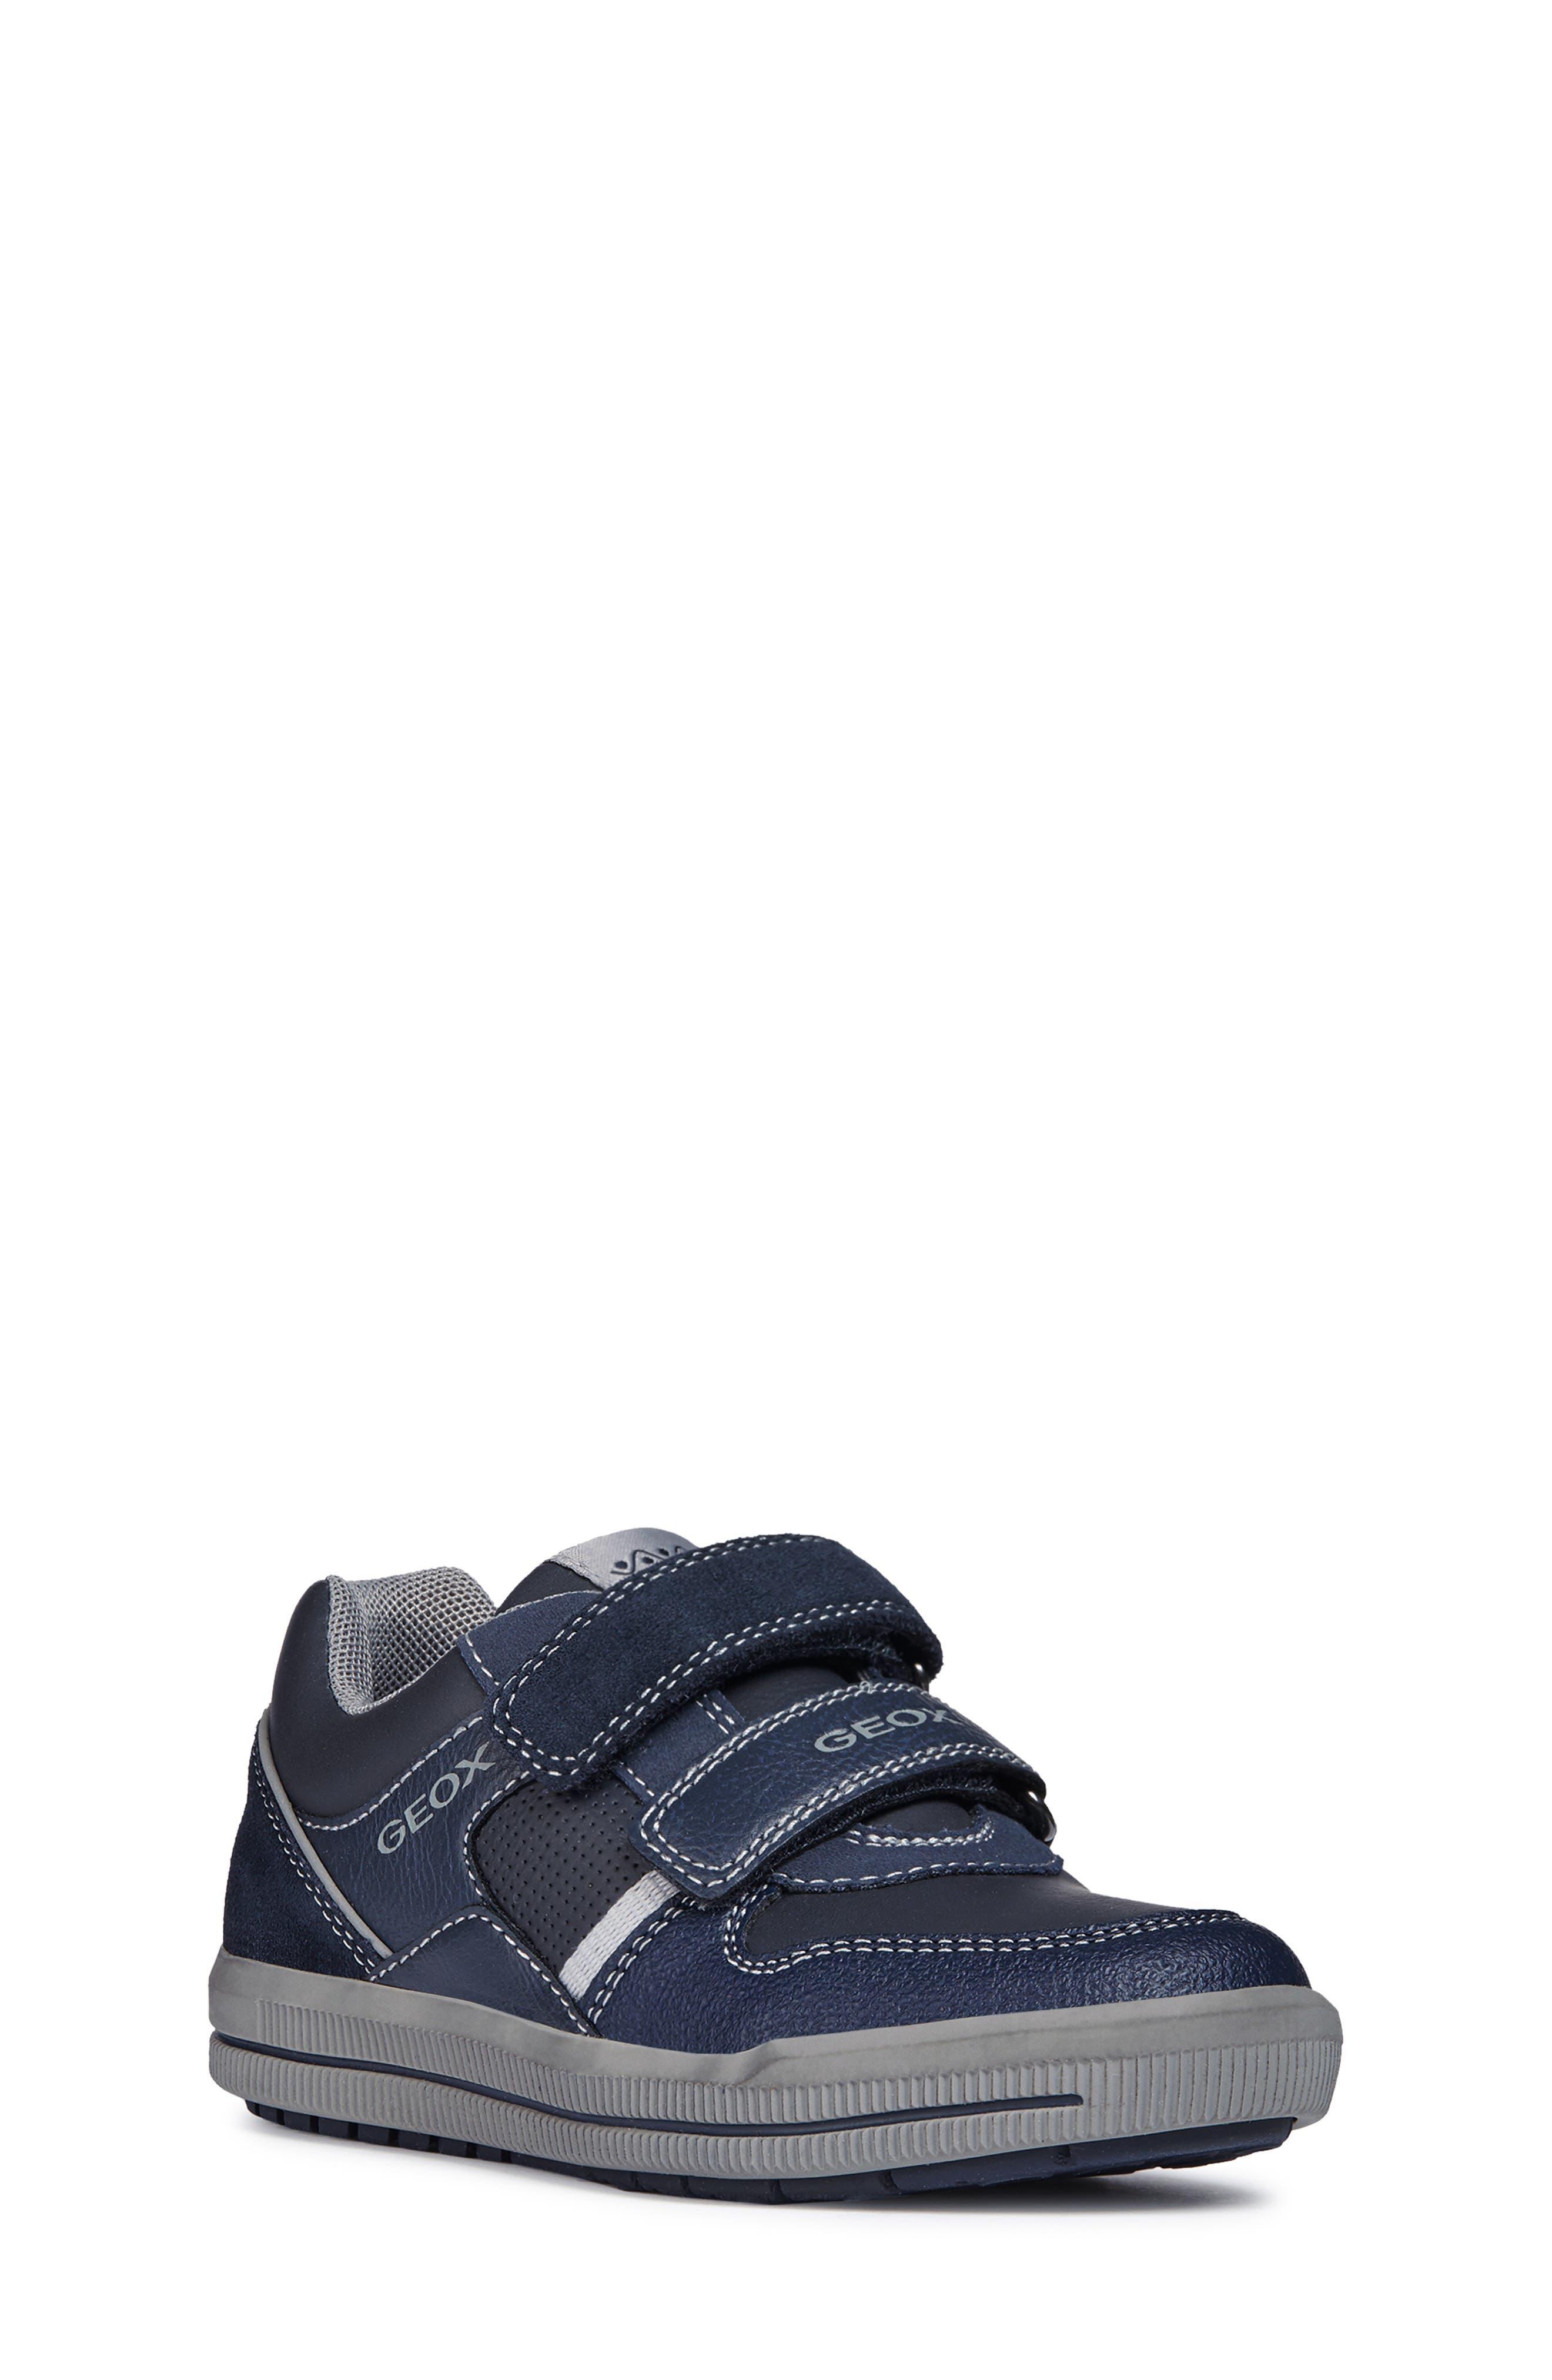 Jr Arzach Sneaker,                         Main,                         color, Navy Blue/ Grey